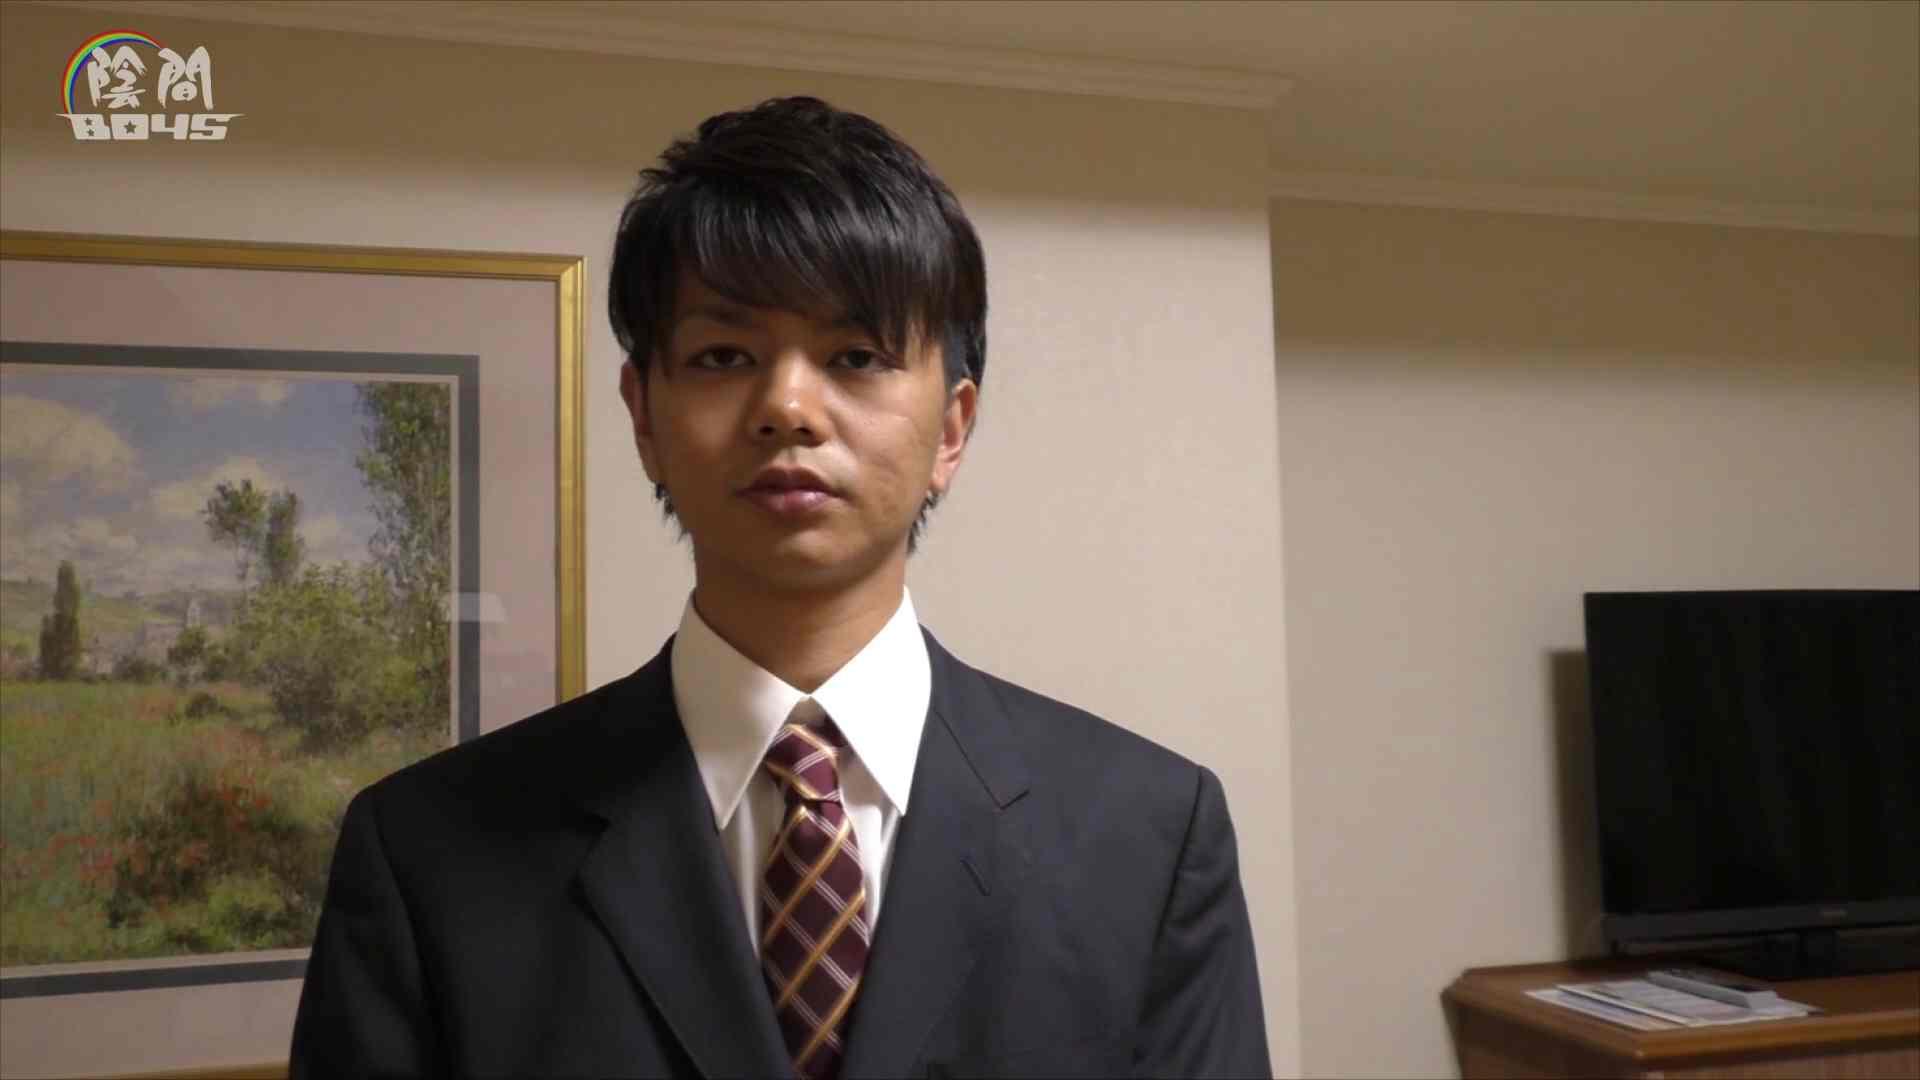 陰間BOYS~キャバクラの仕事はアナルから4 Vol.01 オナニー 男同士動画 108pic 30